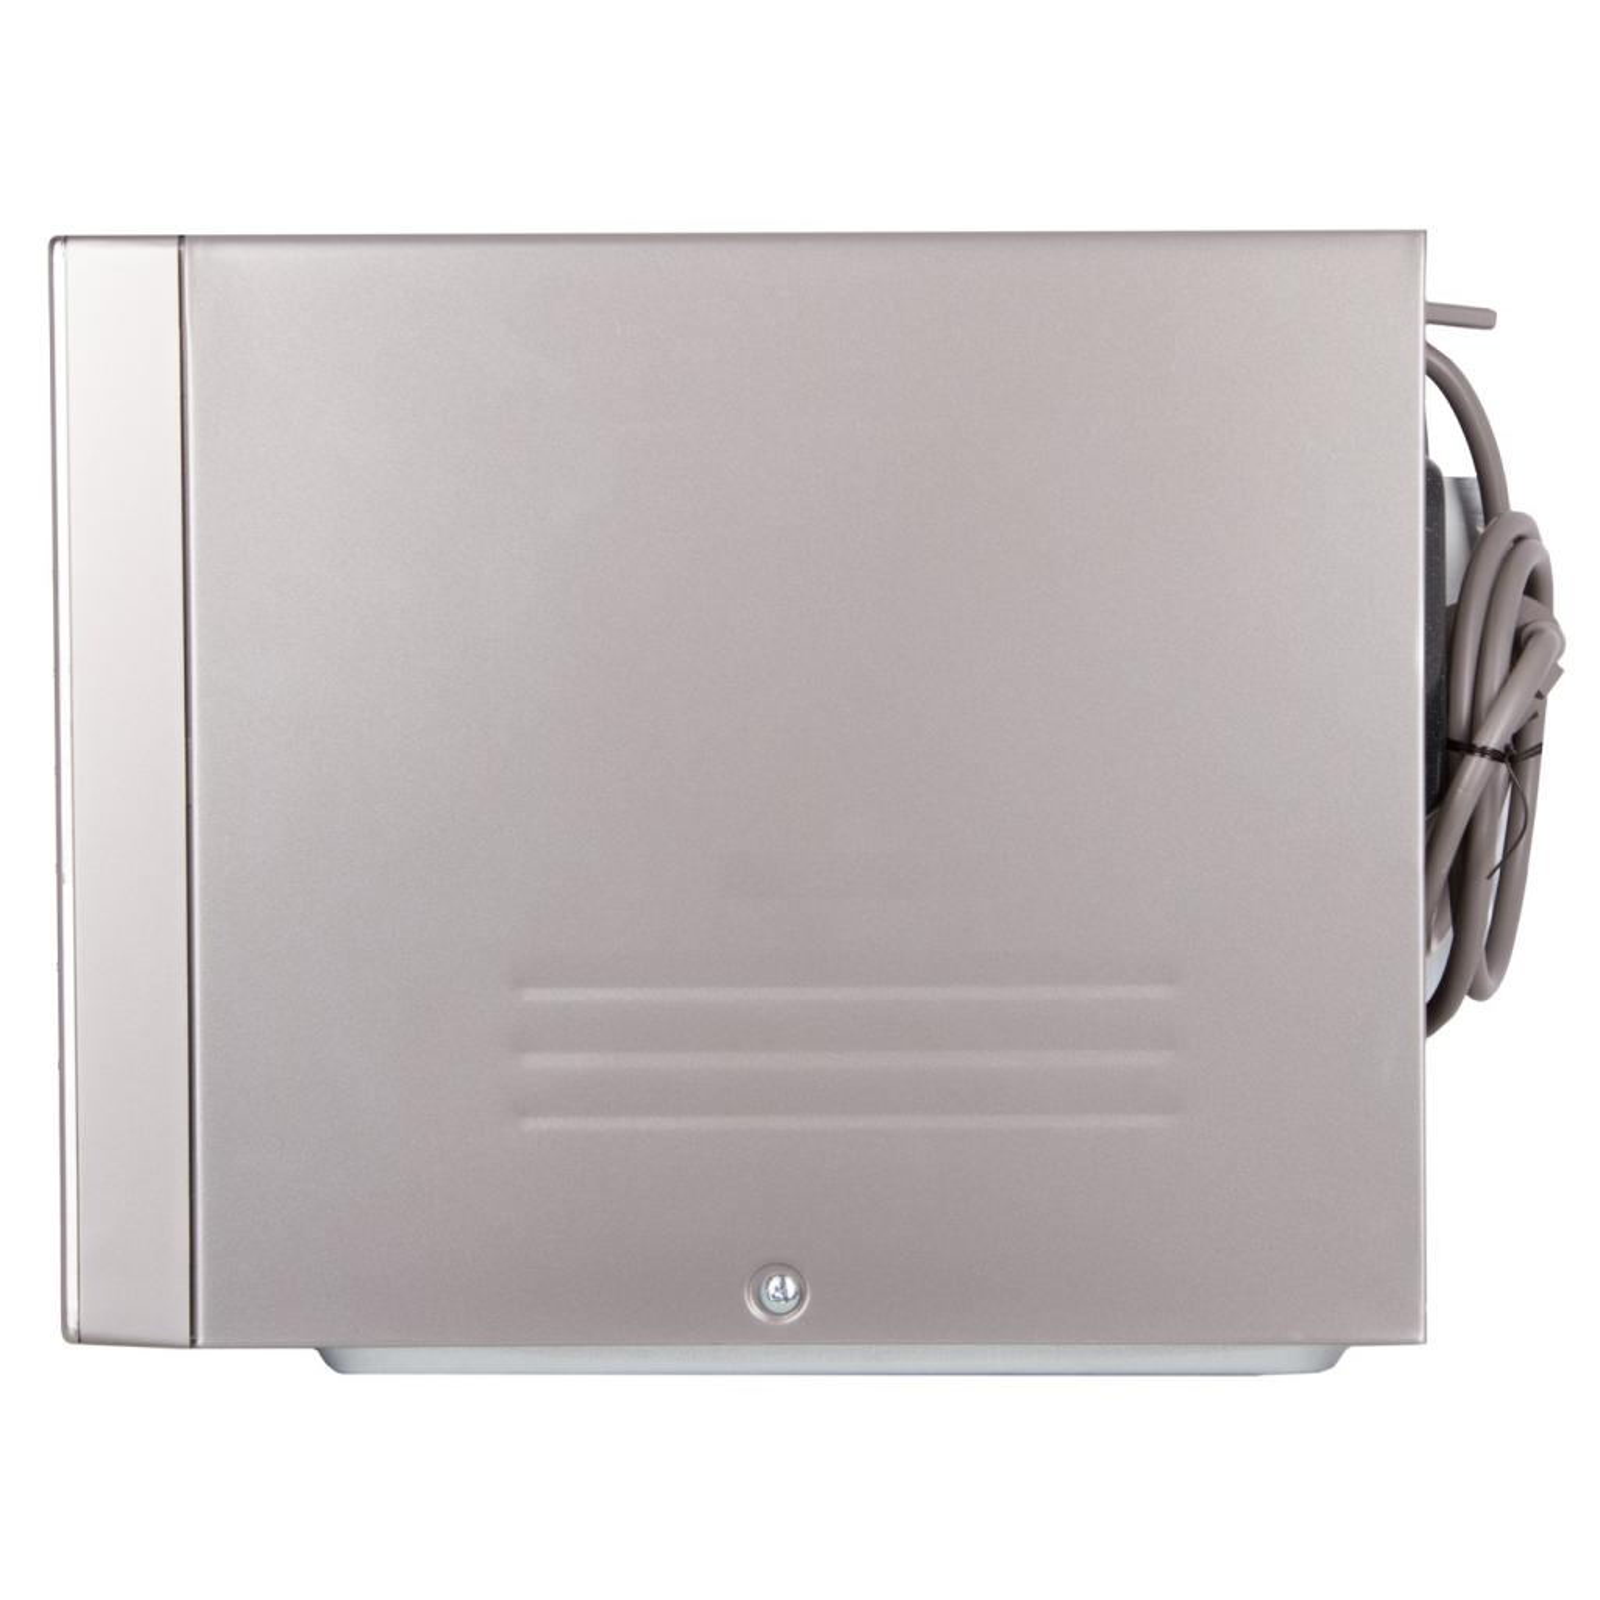 Микроволновая печь Samsung GE 88 SSTR/BWT (GE88SSTR/BWT) изображение 4